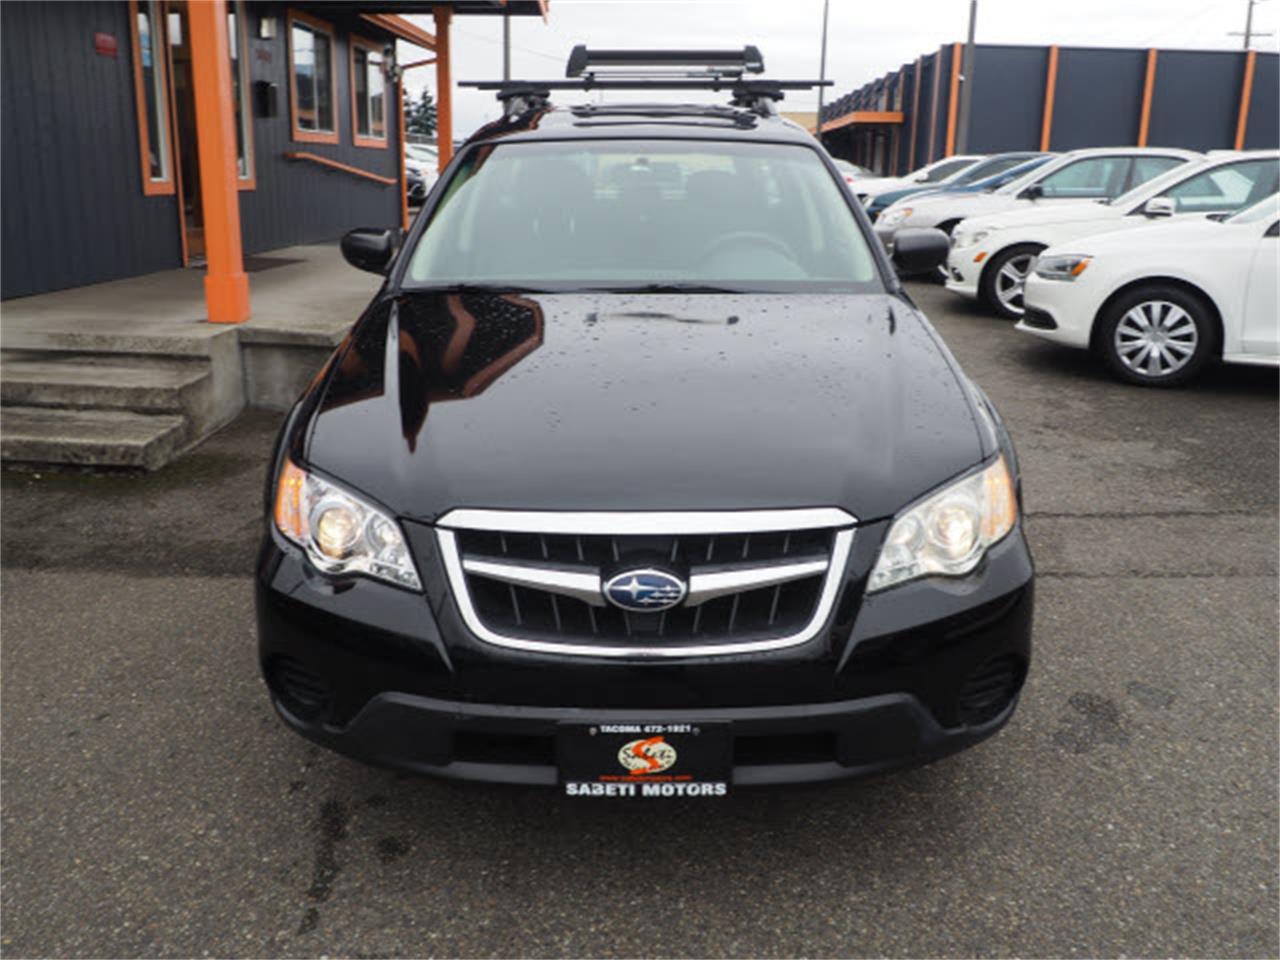 2009 Subaru Outback (CC-1417018) for sale in Tacoma, Washington